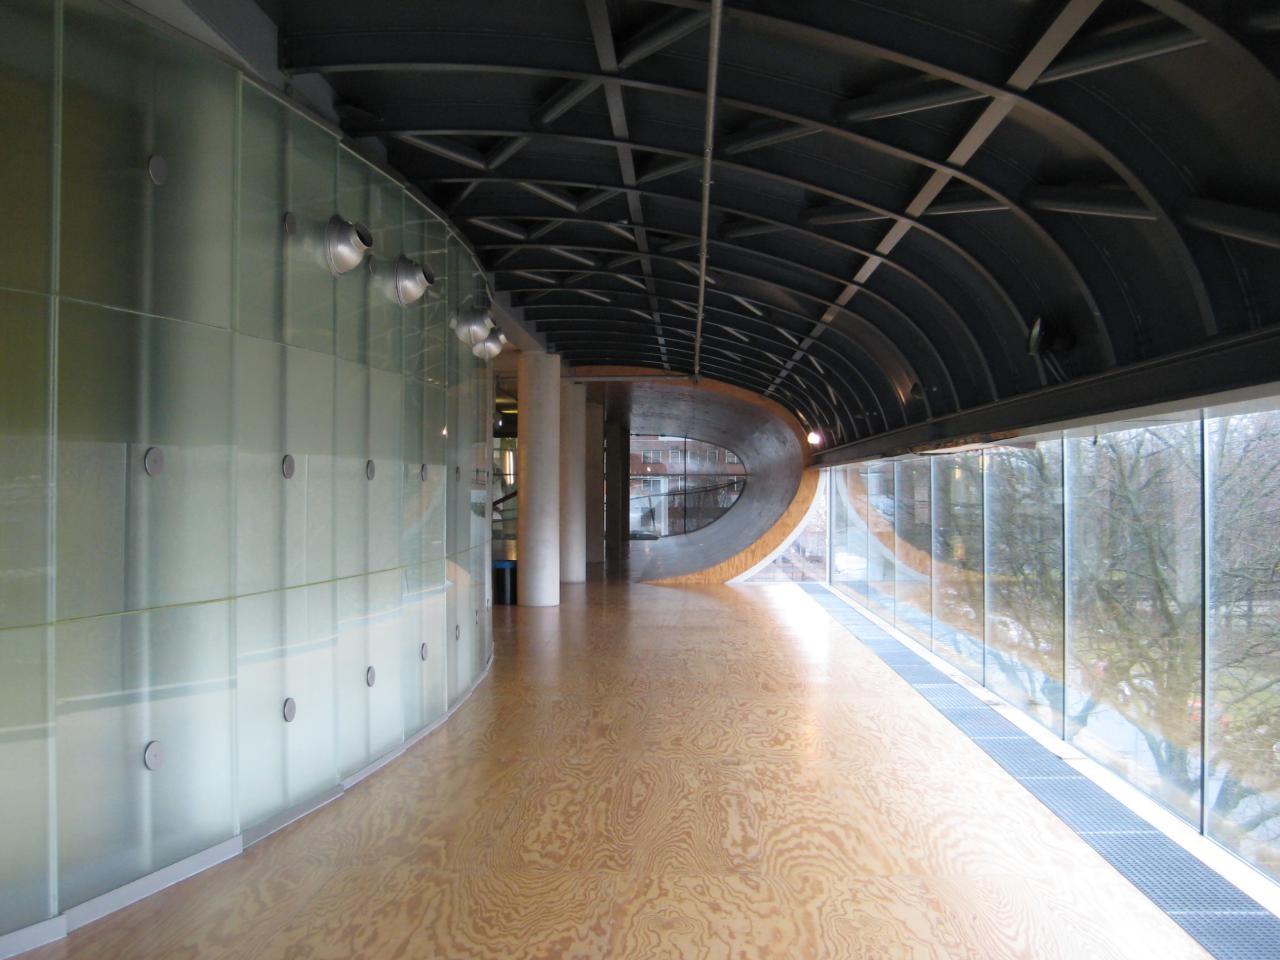 Gallery of AD Classics: Educatorium / OMA - 8